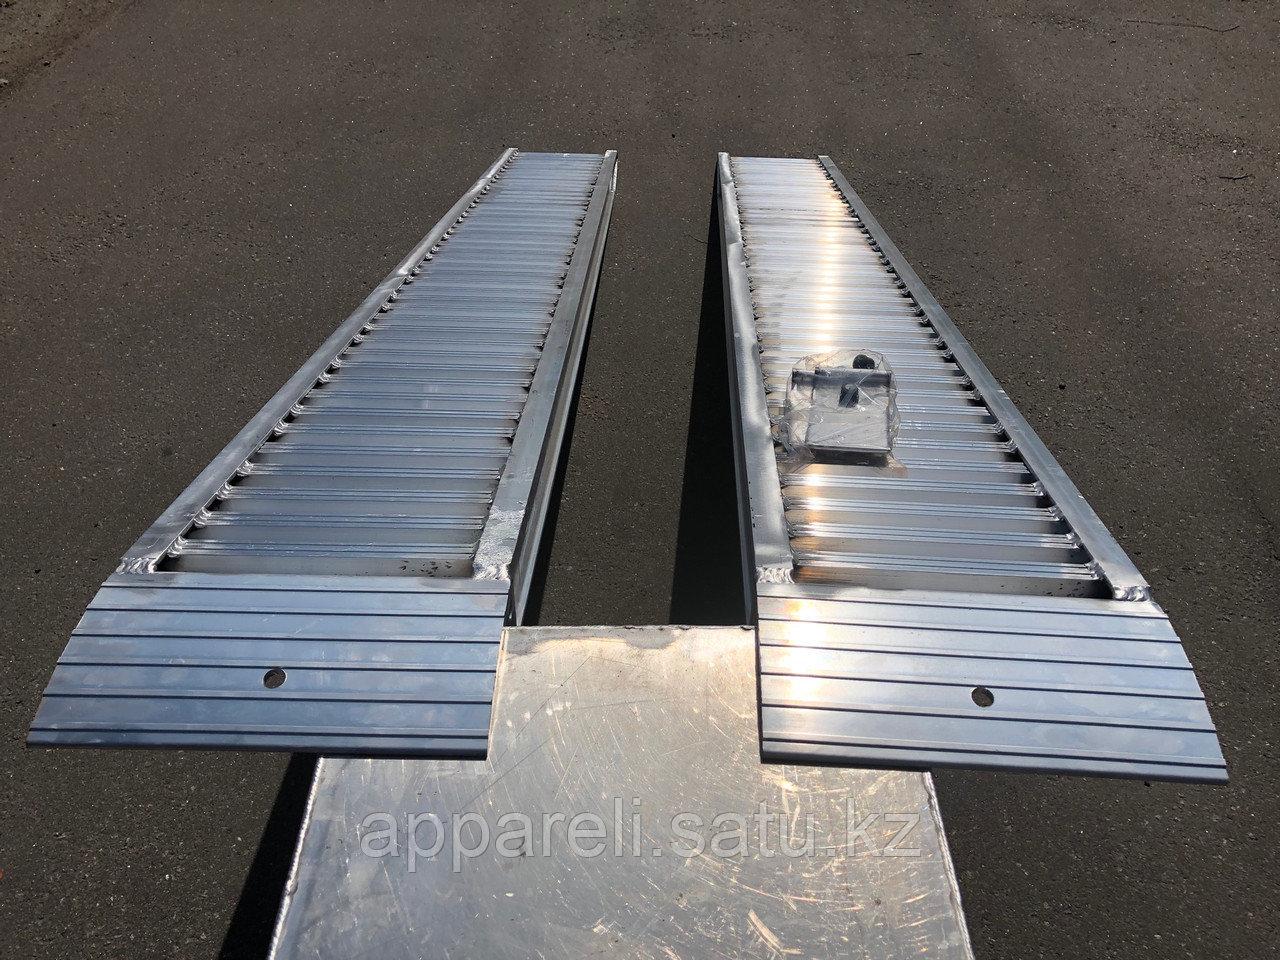 Алюминиевые аппарели 2920 кг от производителя